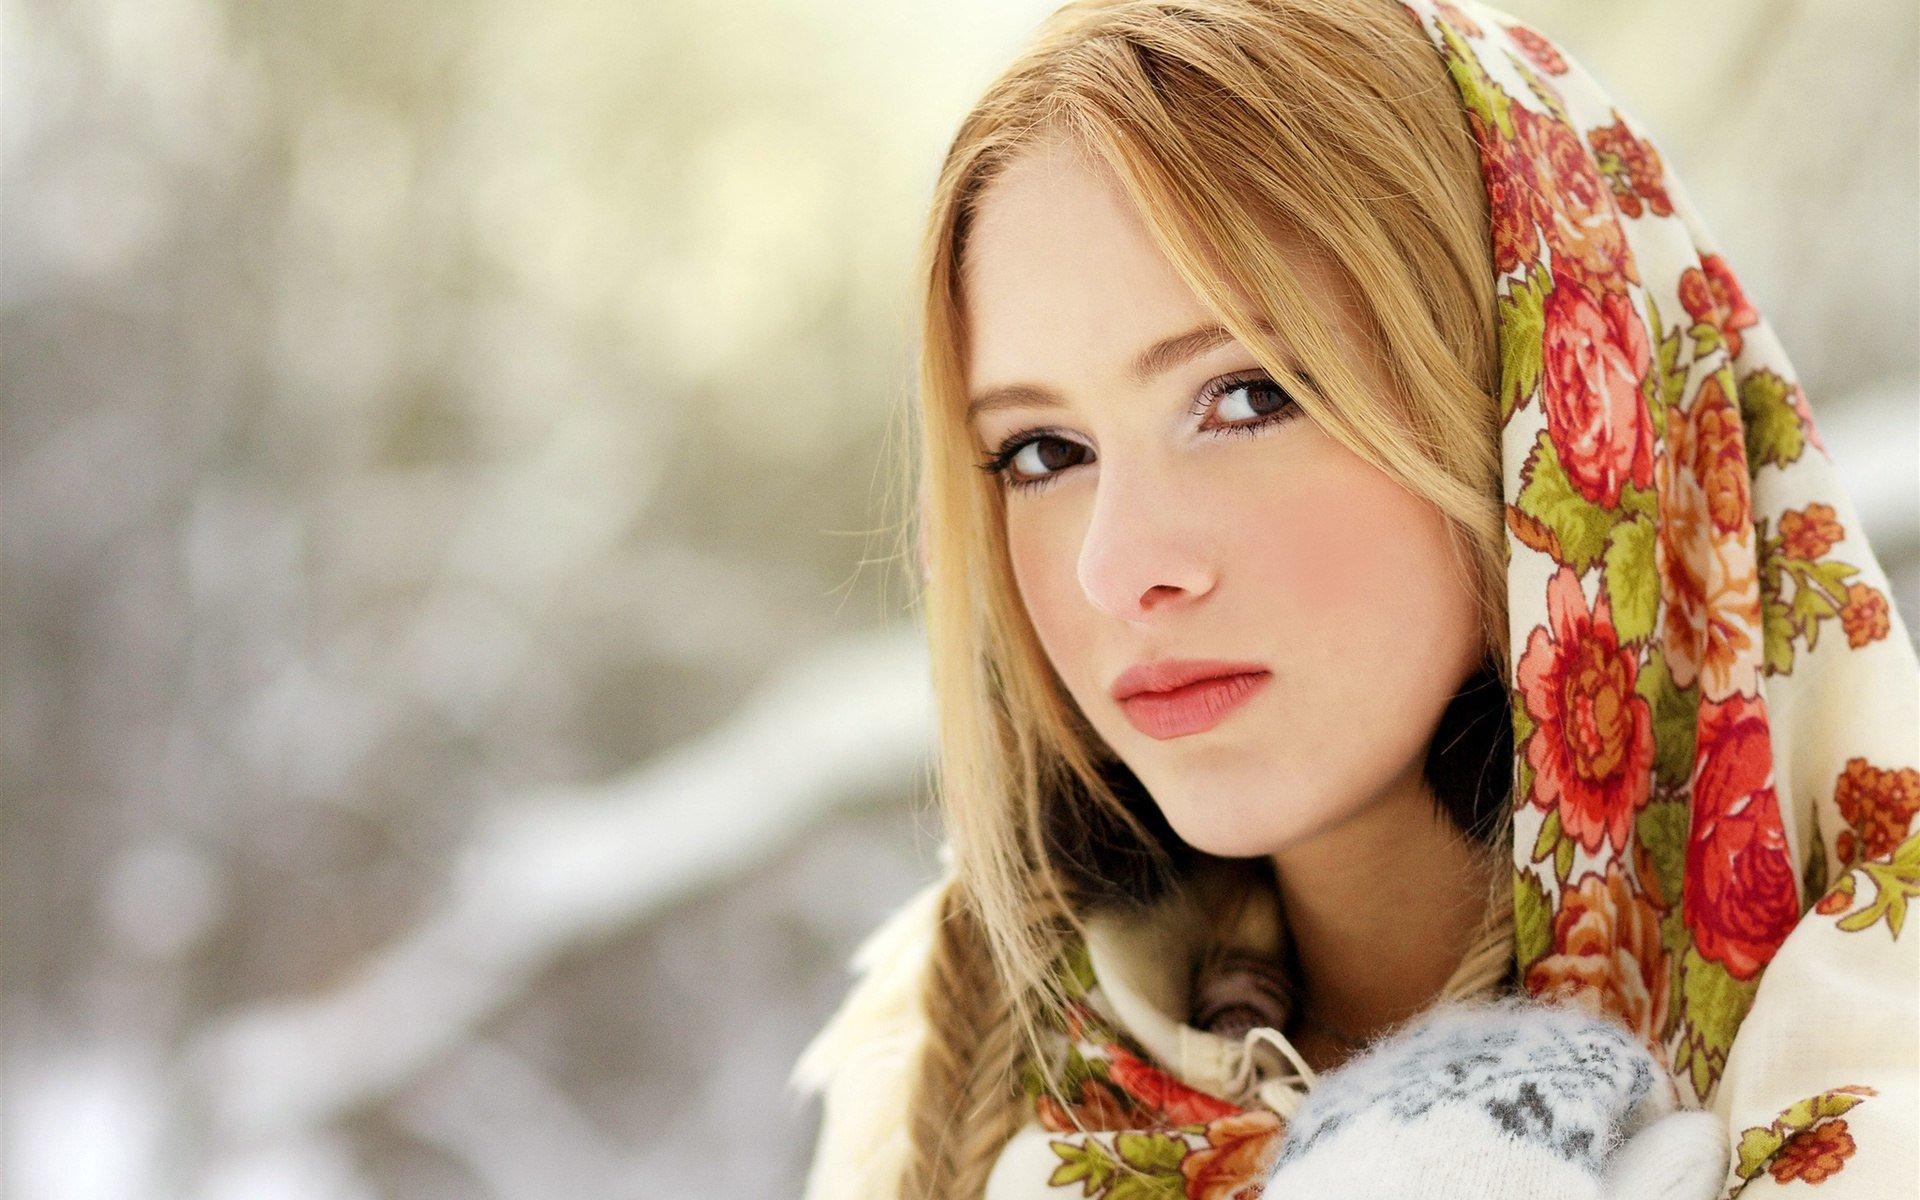 Новое исследование раскрыло секрет женской красоты в Российской Федерации